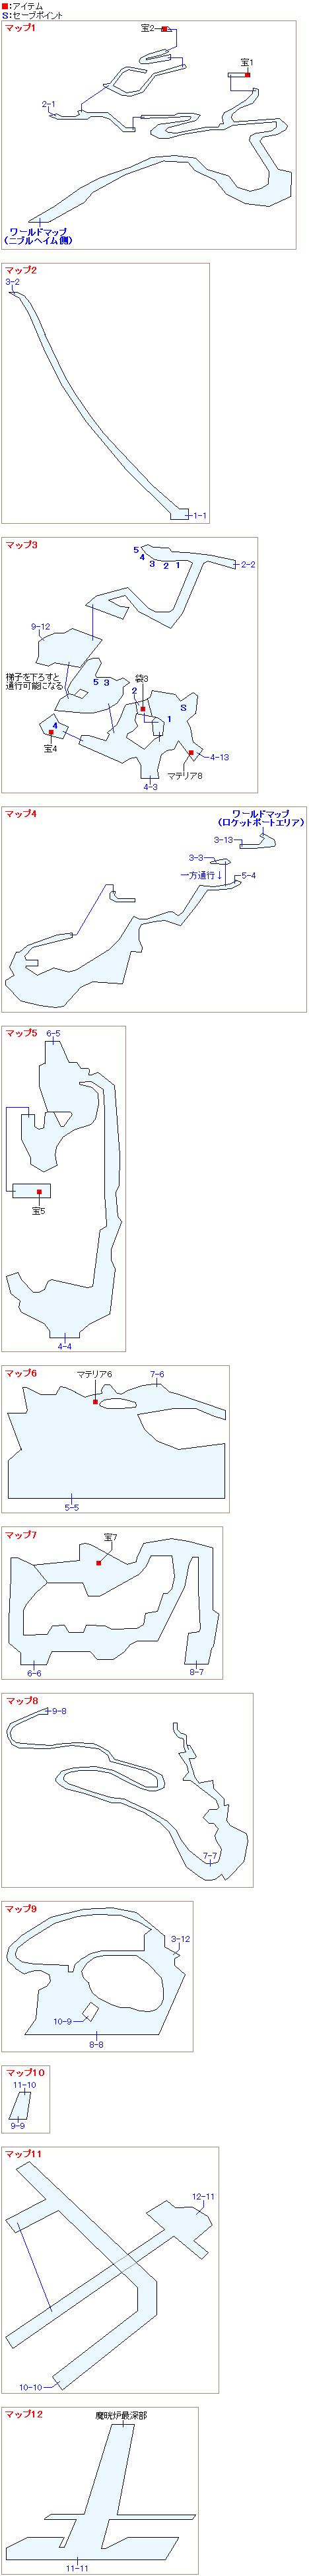 ニブル山のマップ